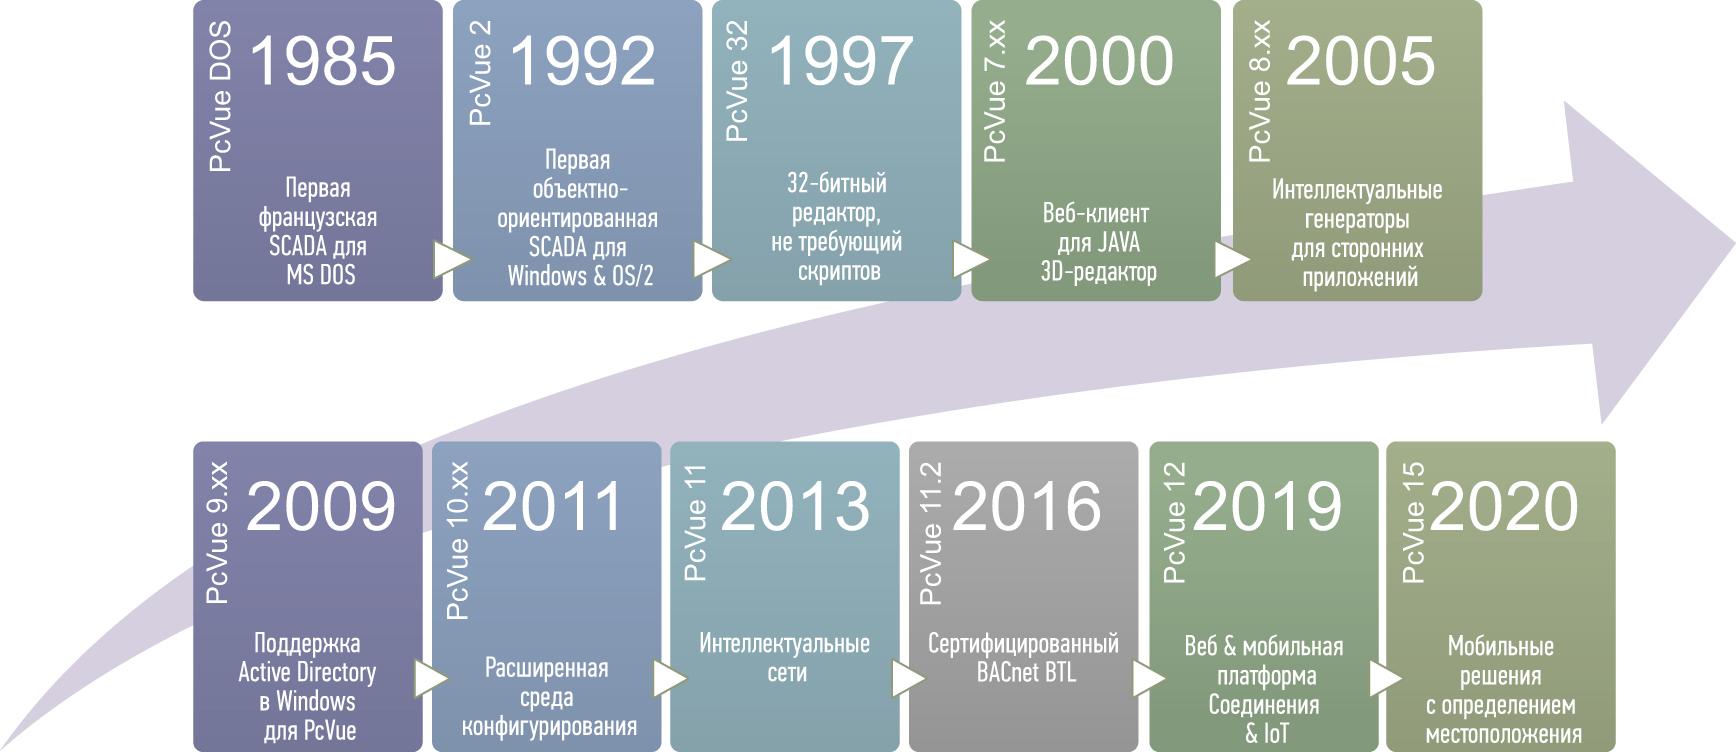 Этапы развития PcVue